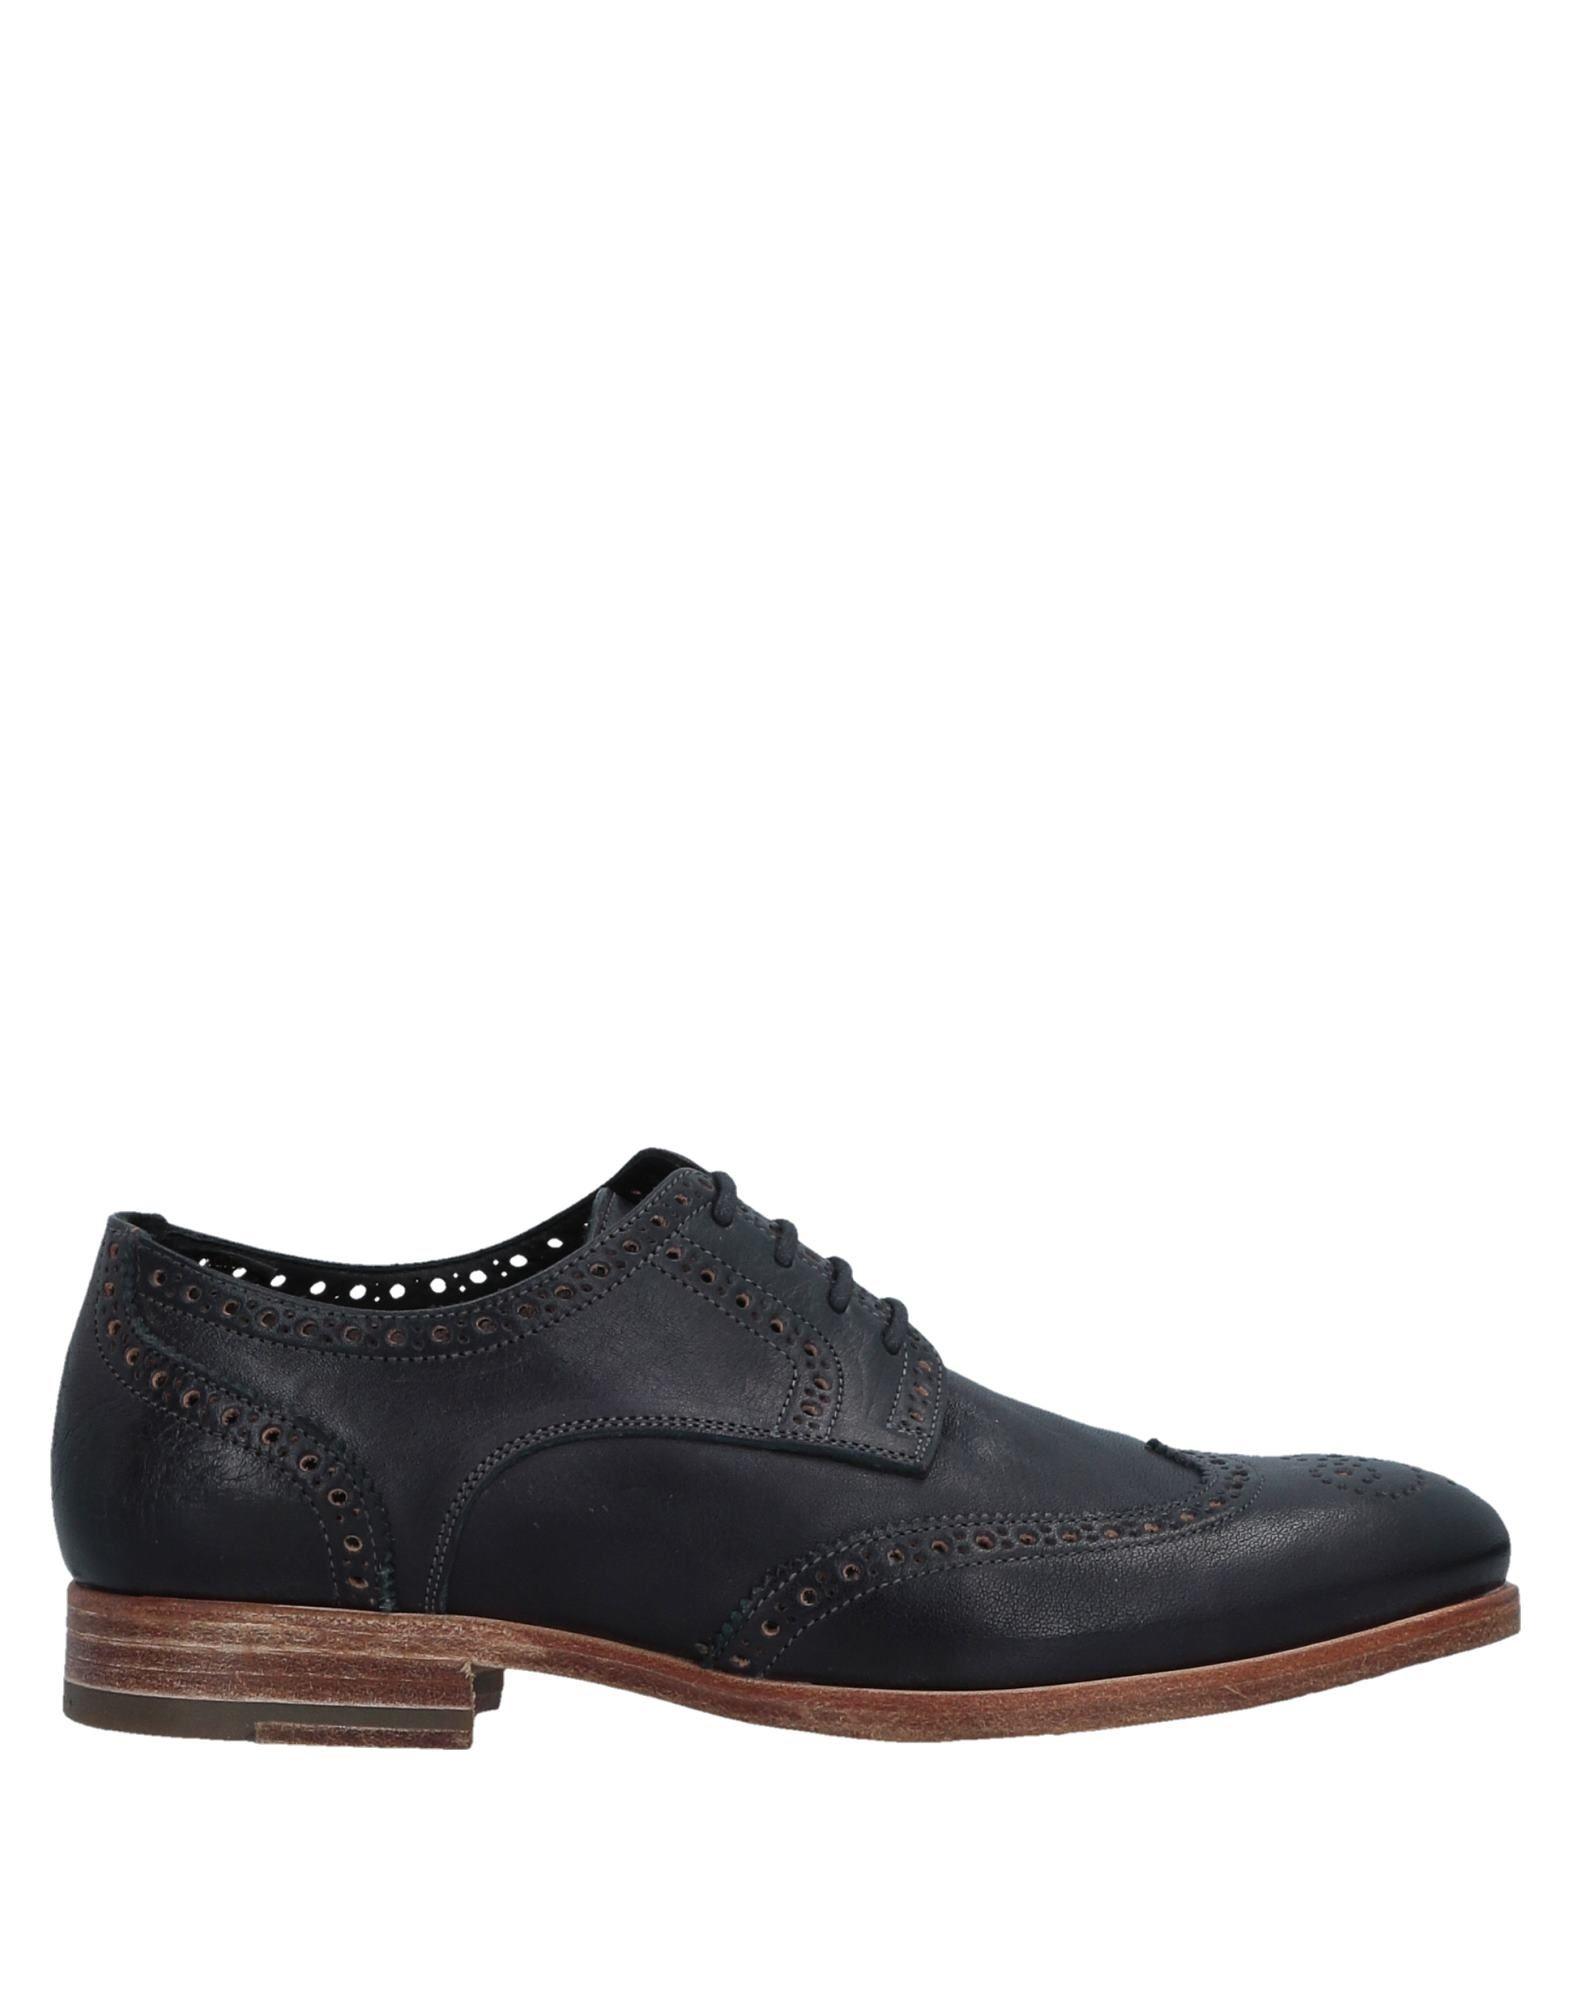 Nuevos zapatos para hombres y y hombres mujeres, descuento por tiempo limitado Zapato De Cordones N.D.C. Made By Hand Mujer - Zapatos De Cordones N.D.C. Made By Hand  Cuero 305a86